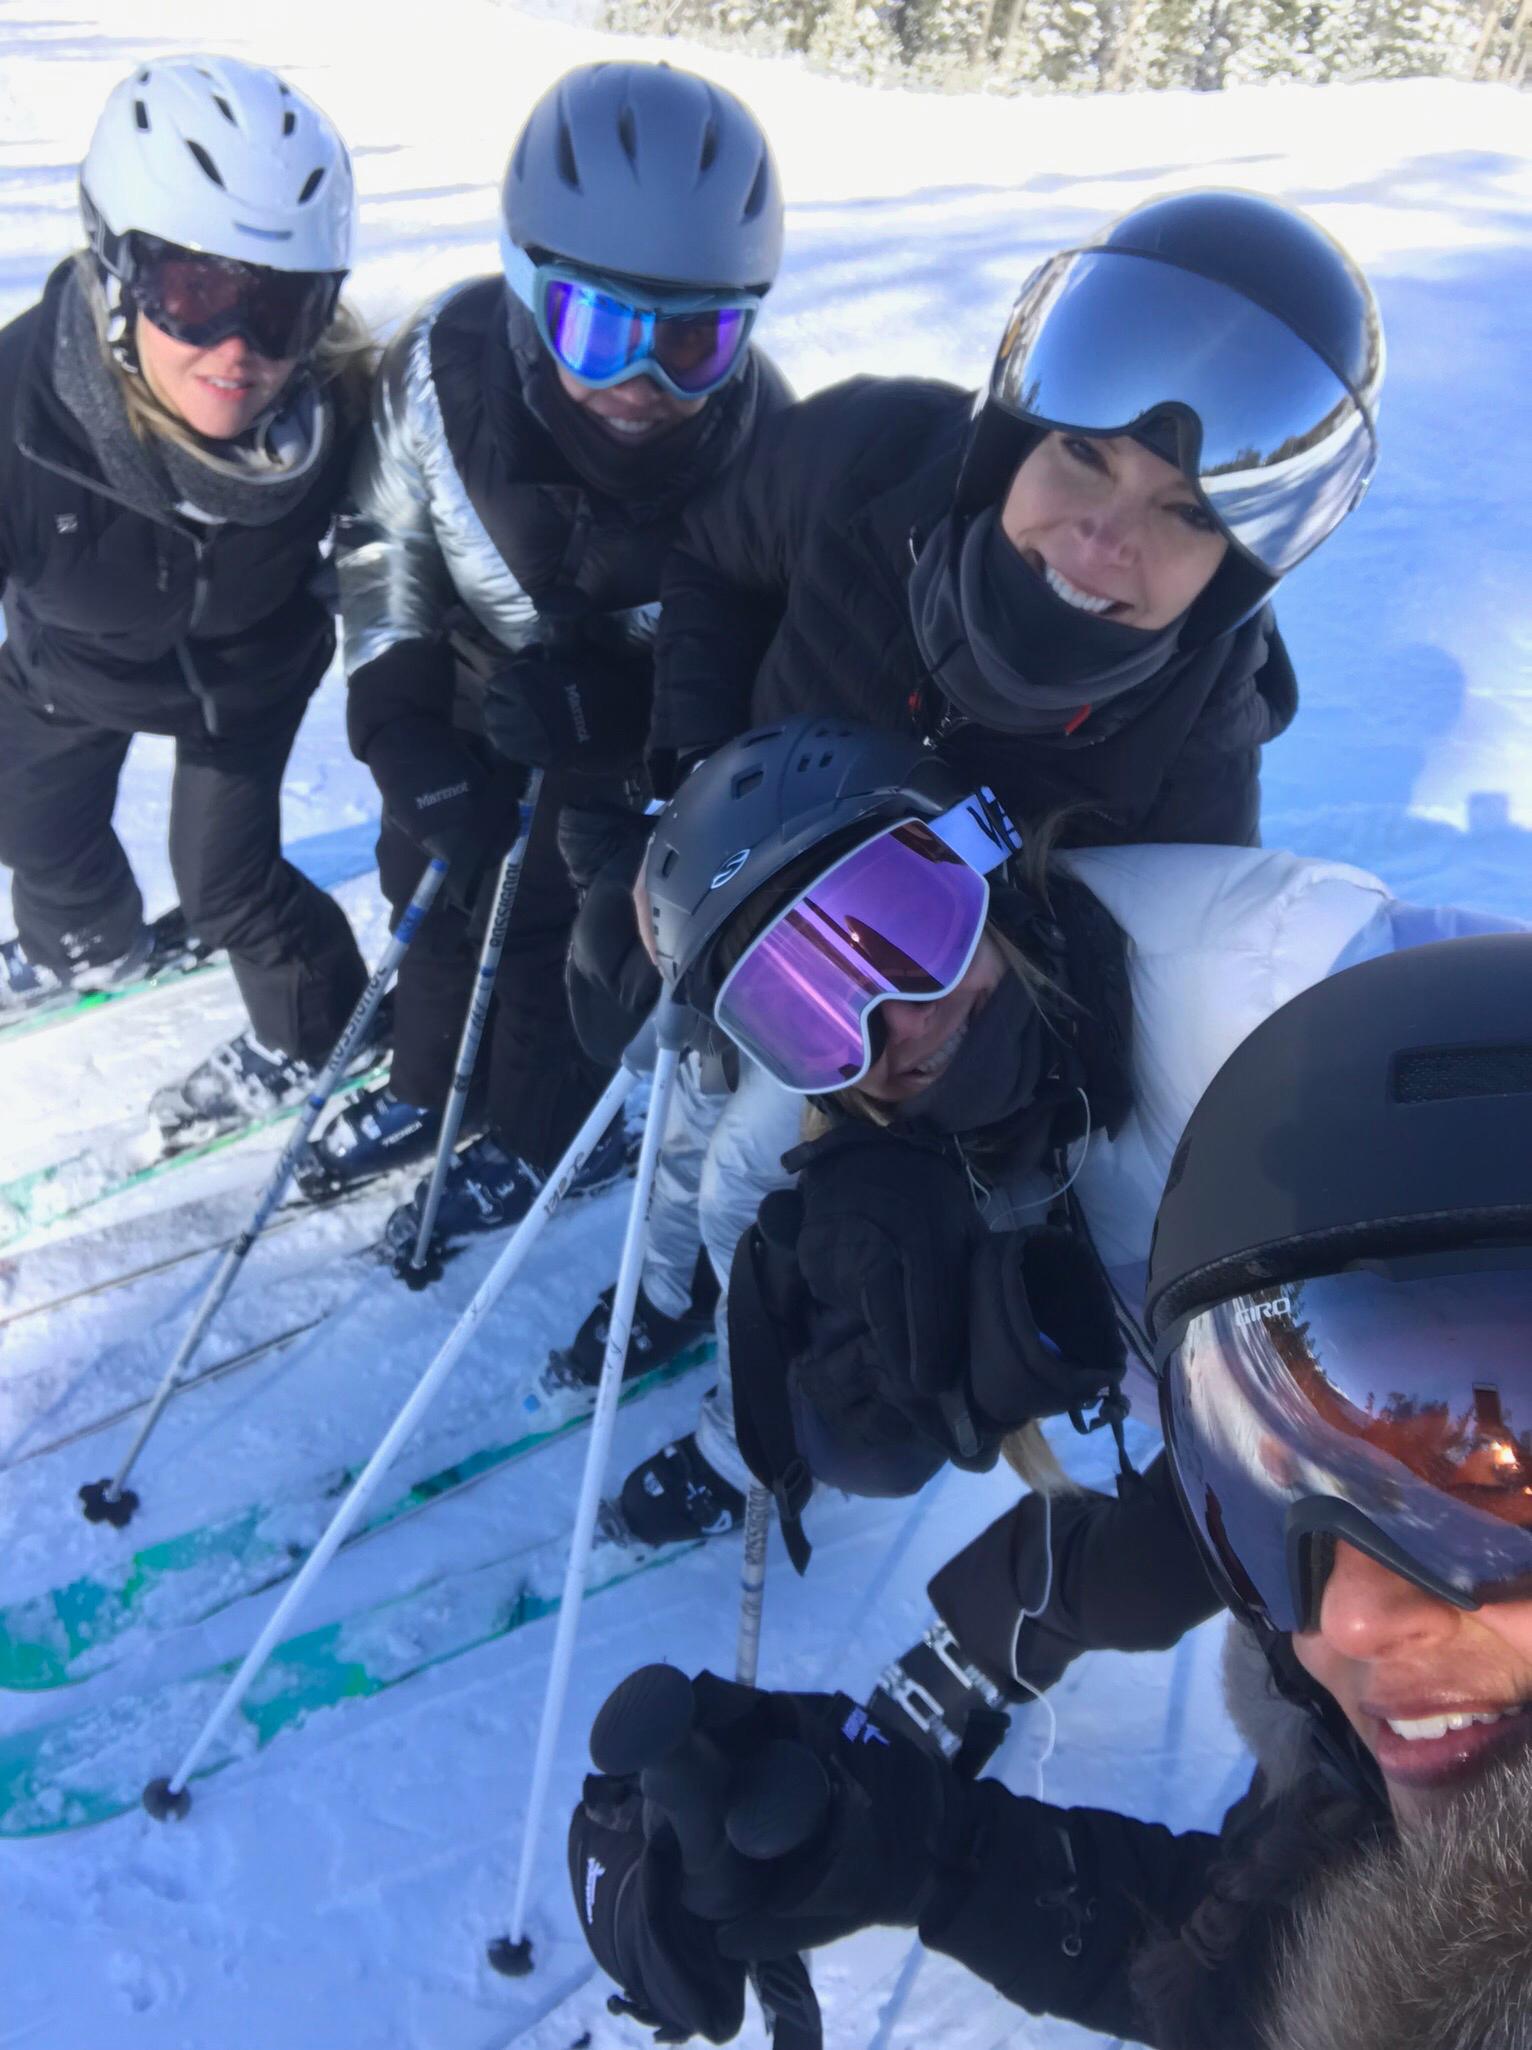 Megyn-Kelly-girls-ski-trip - Megyn Kelly and her friends on a ski trip